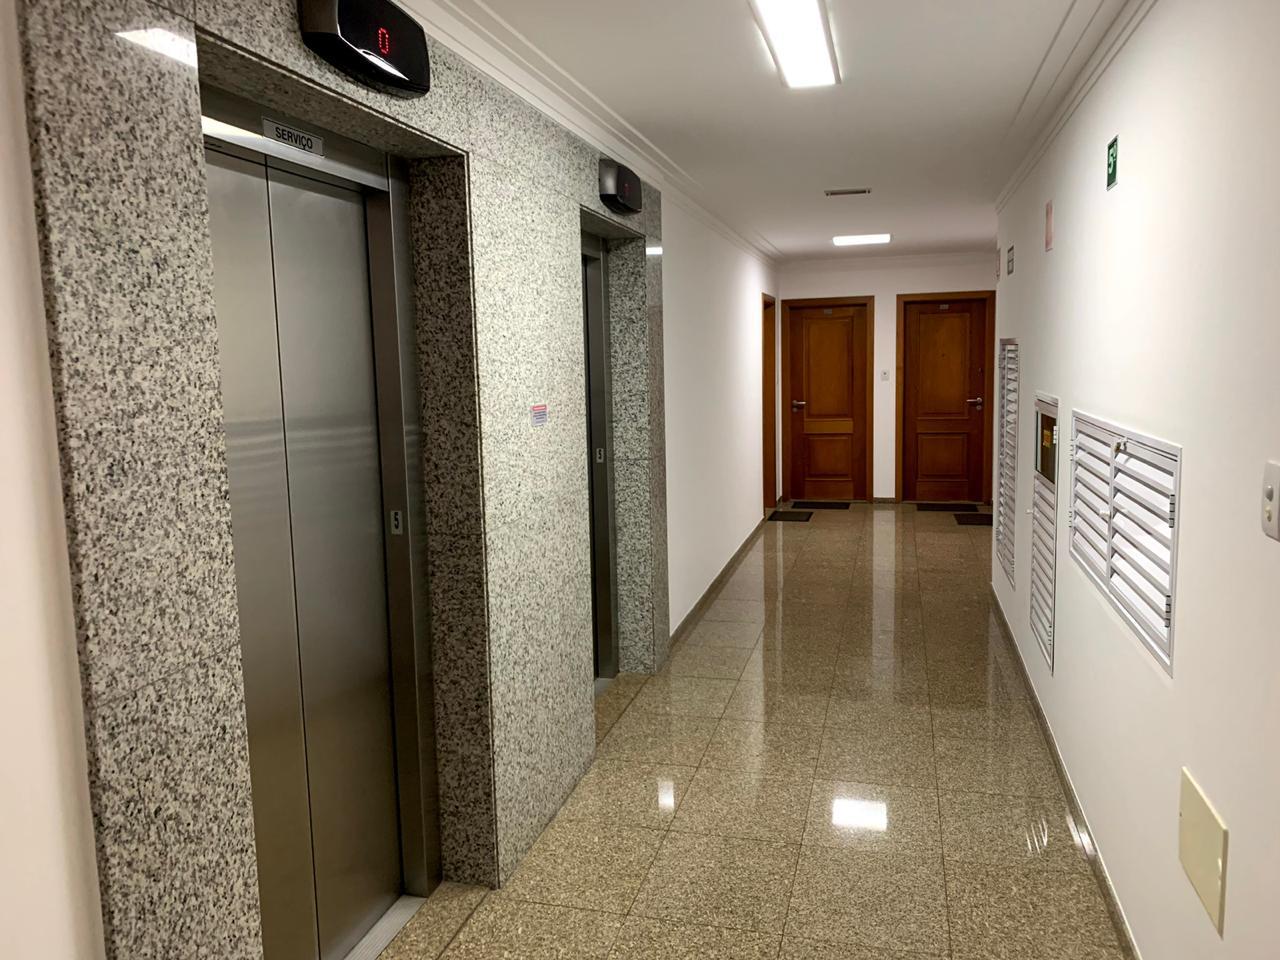 Excelente semi novo apartamento com 160m, uma quadra da Praia, Duas vagas de garagem, 3 suítes - foto 33